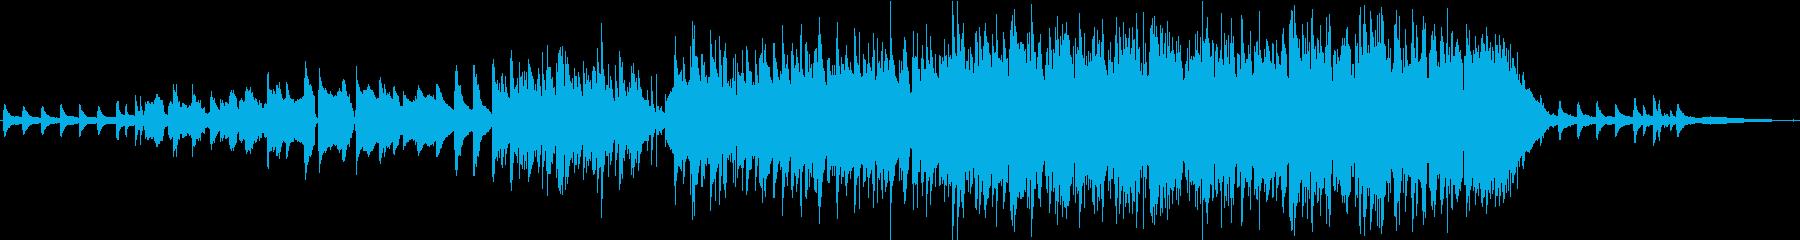 渓流を思わせるさわやかでポップなBGMの再生済みの波形